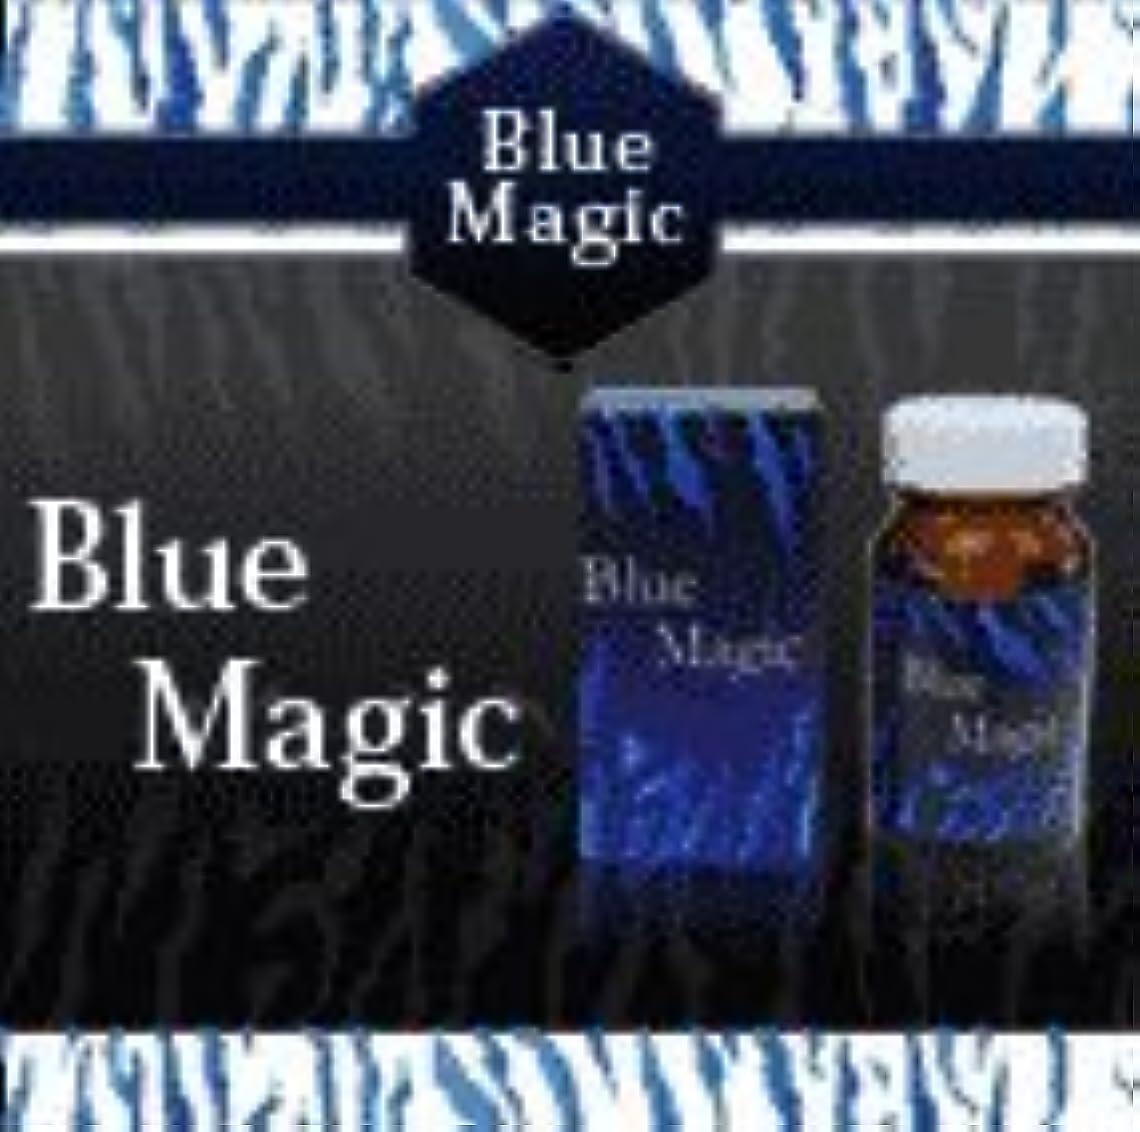 あいまいさ怠惰起業家「Blue Magic」ブルーマジック (ダイエットサプリメント) 3個セット